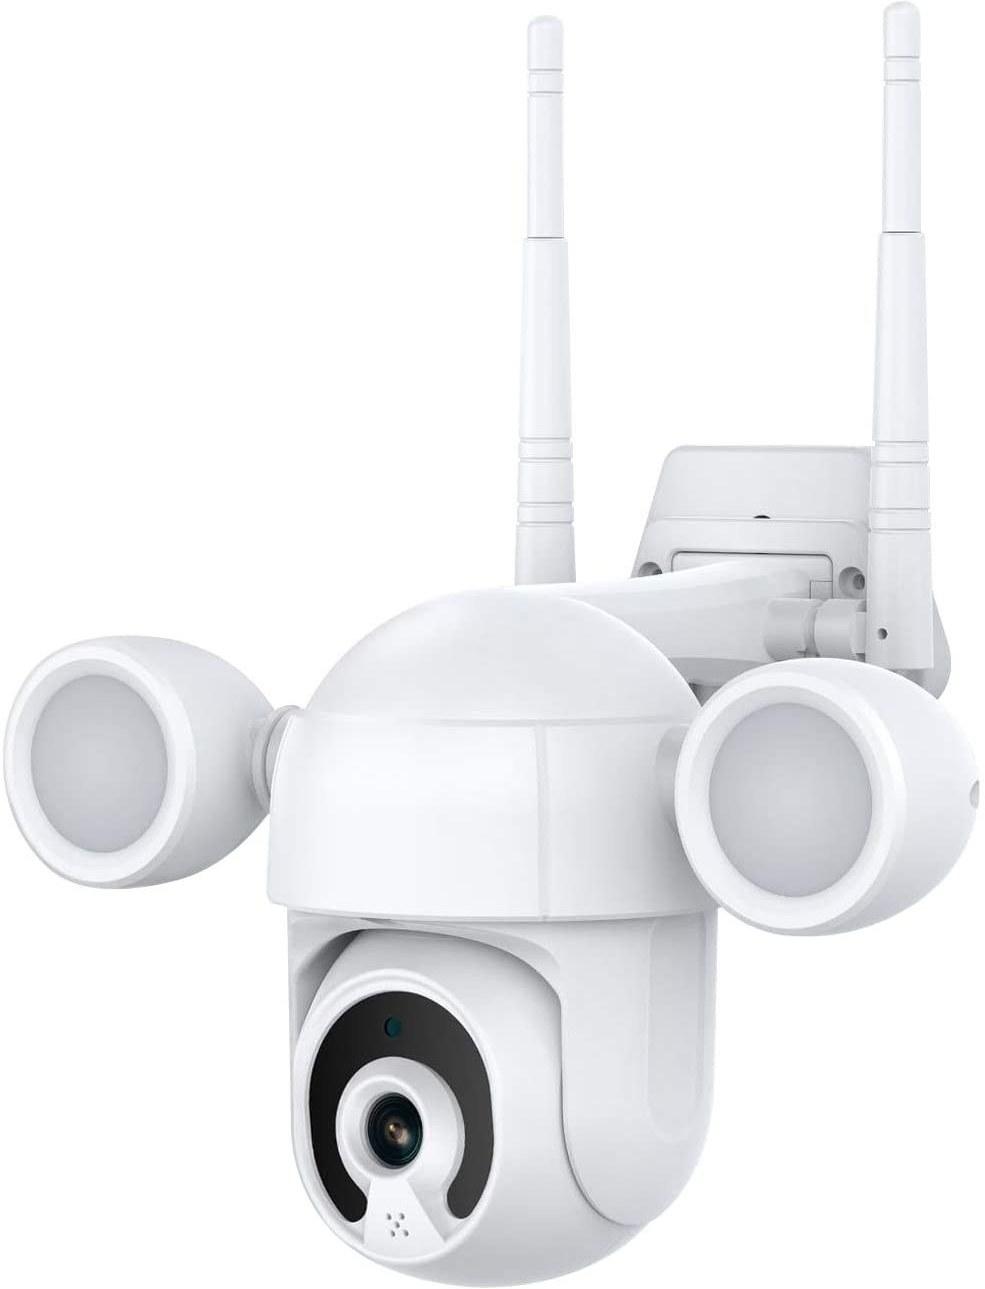 تصویر دوربین مداربسته هوشمند وای فای مجهز به نورافکن